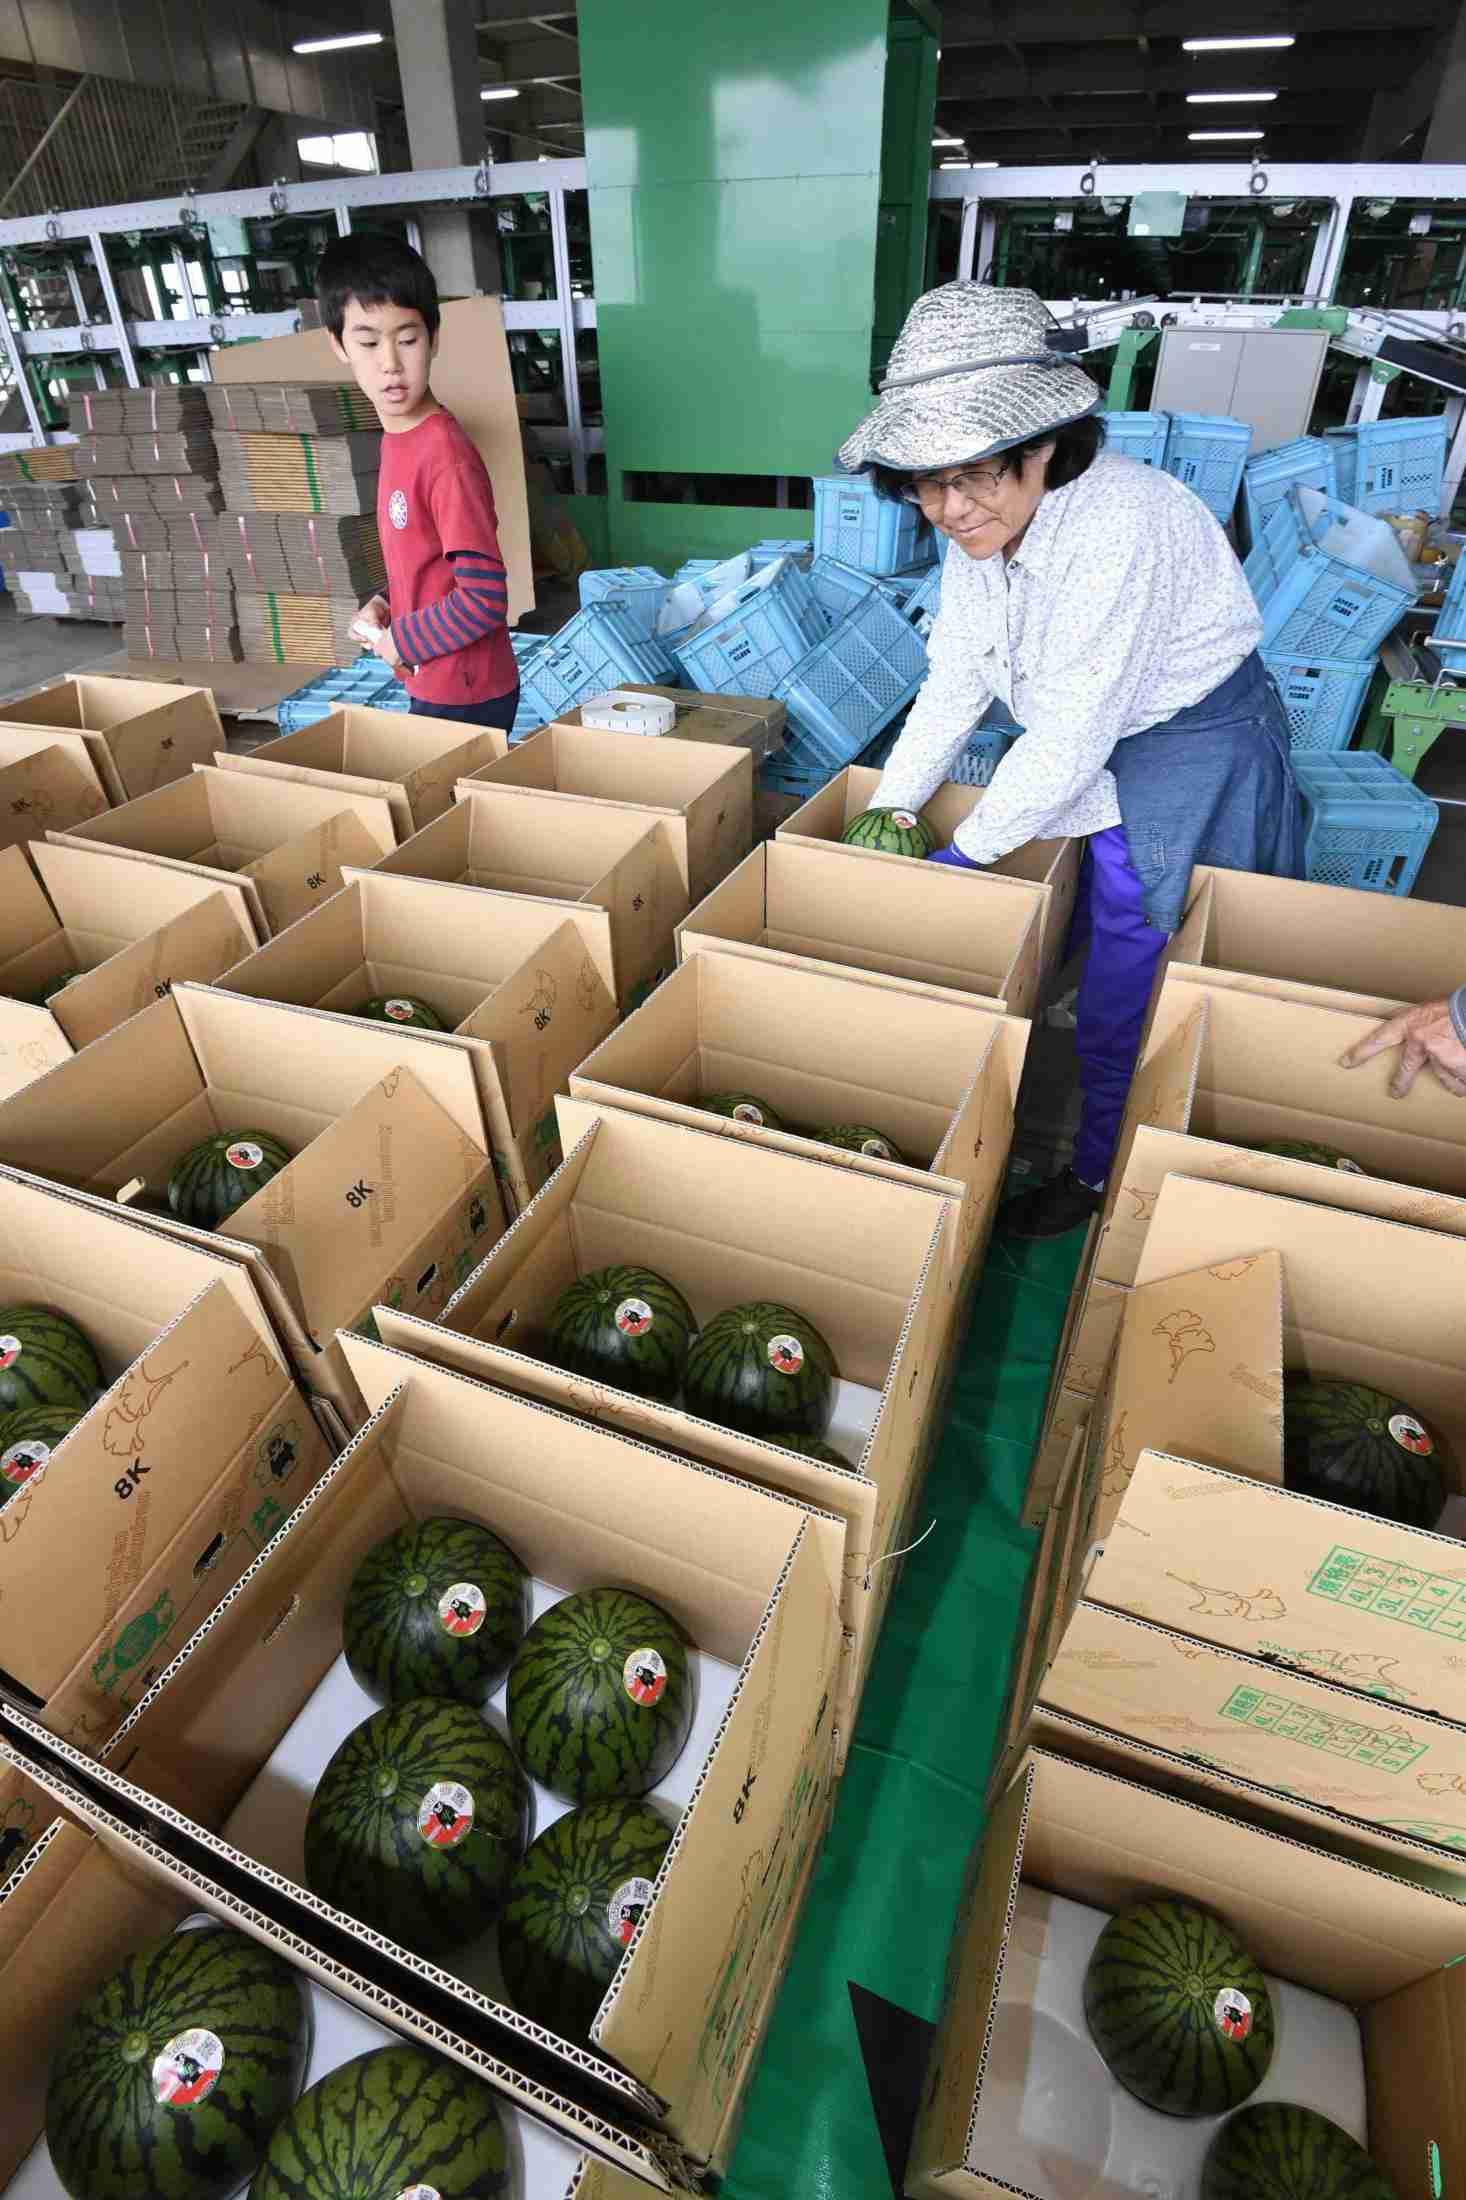 熊本地震 スイカ再開、励みに・・・ (日本農業新聞) - Yahoo!ニュース